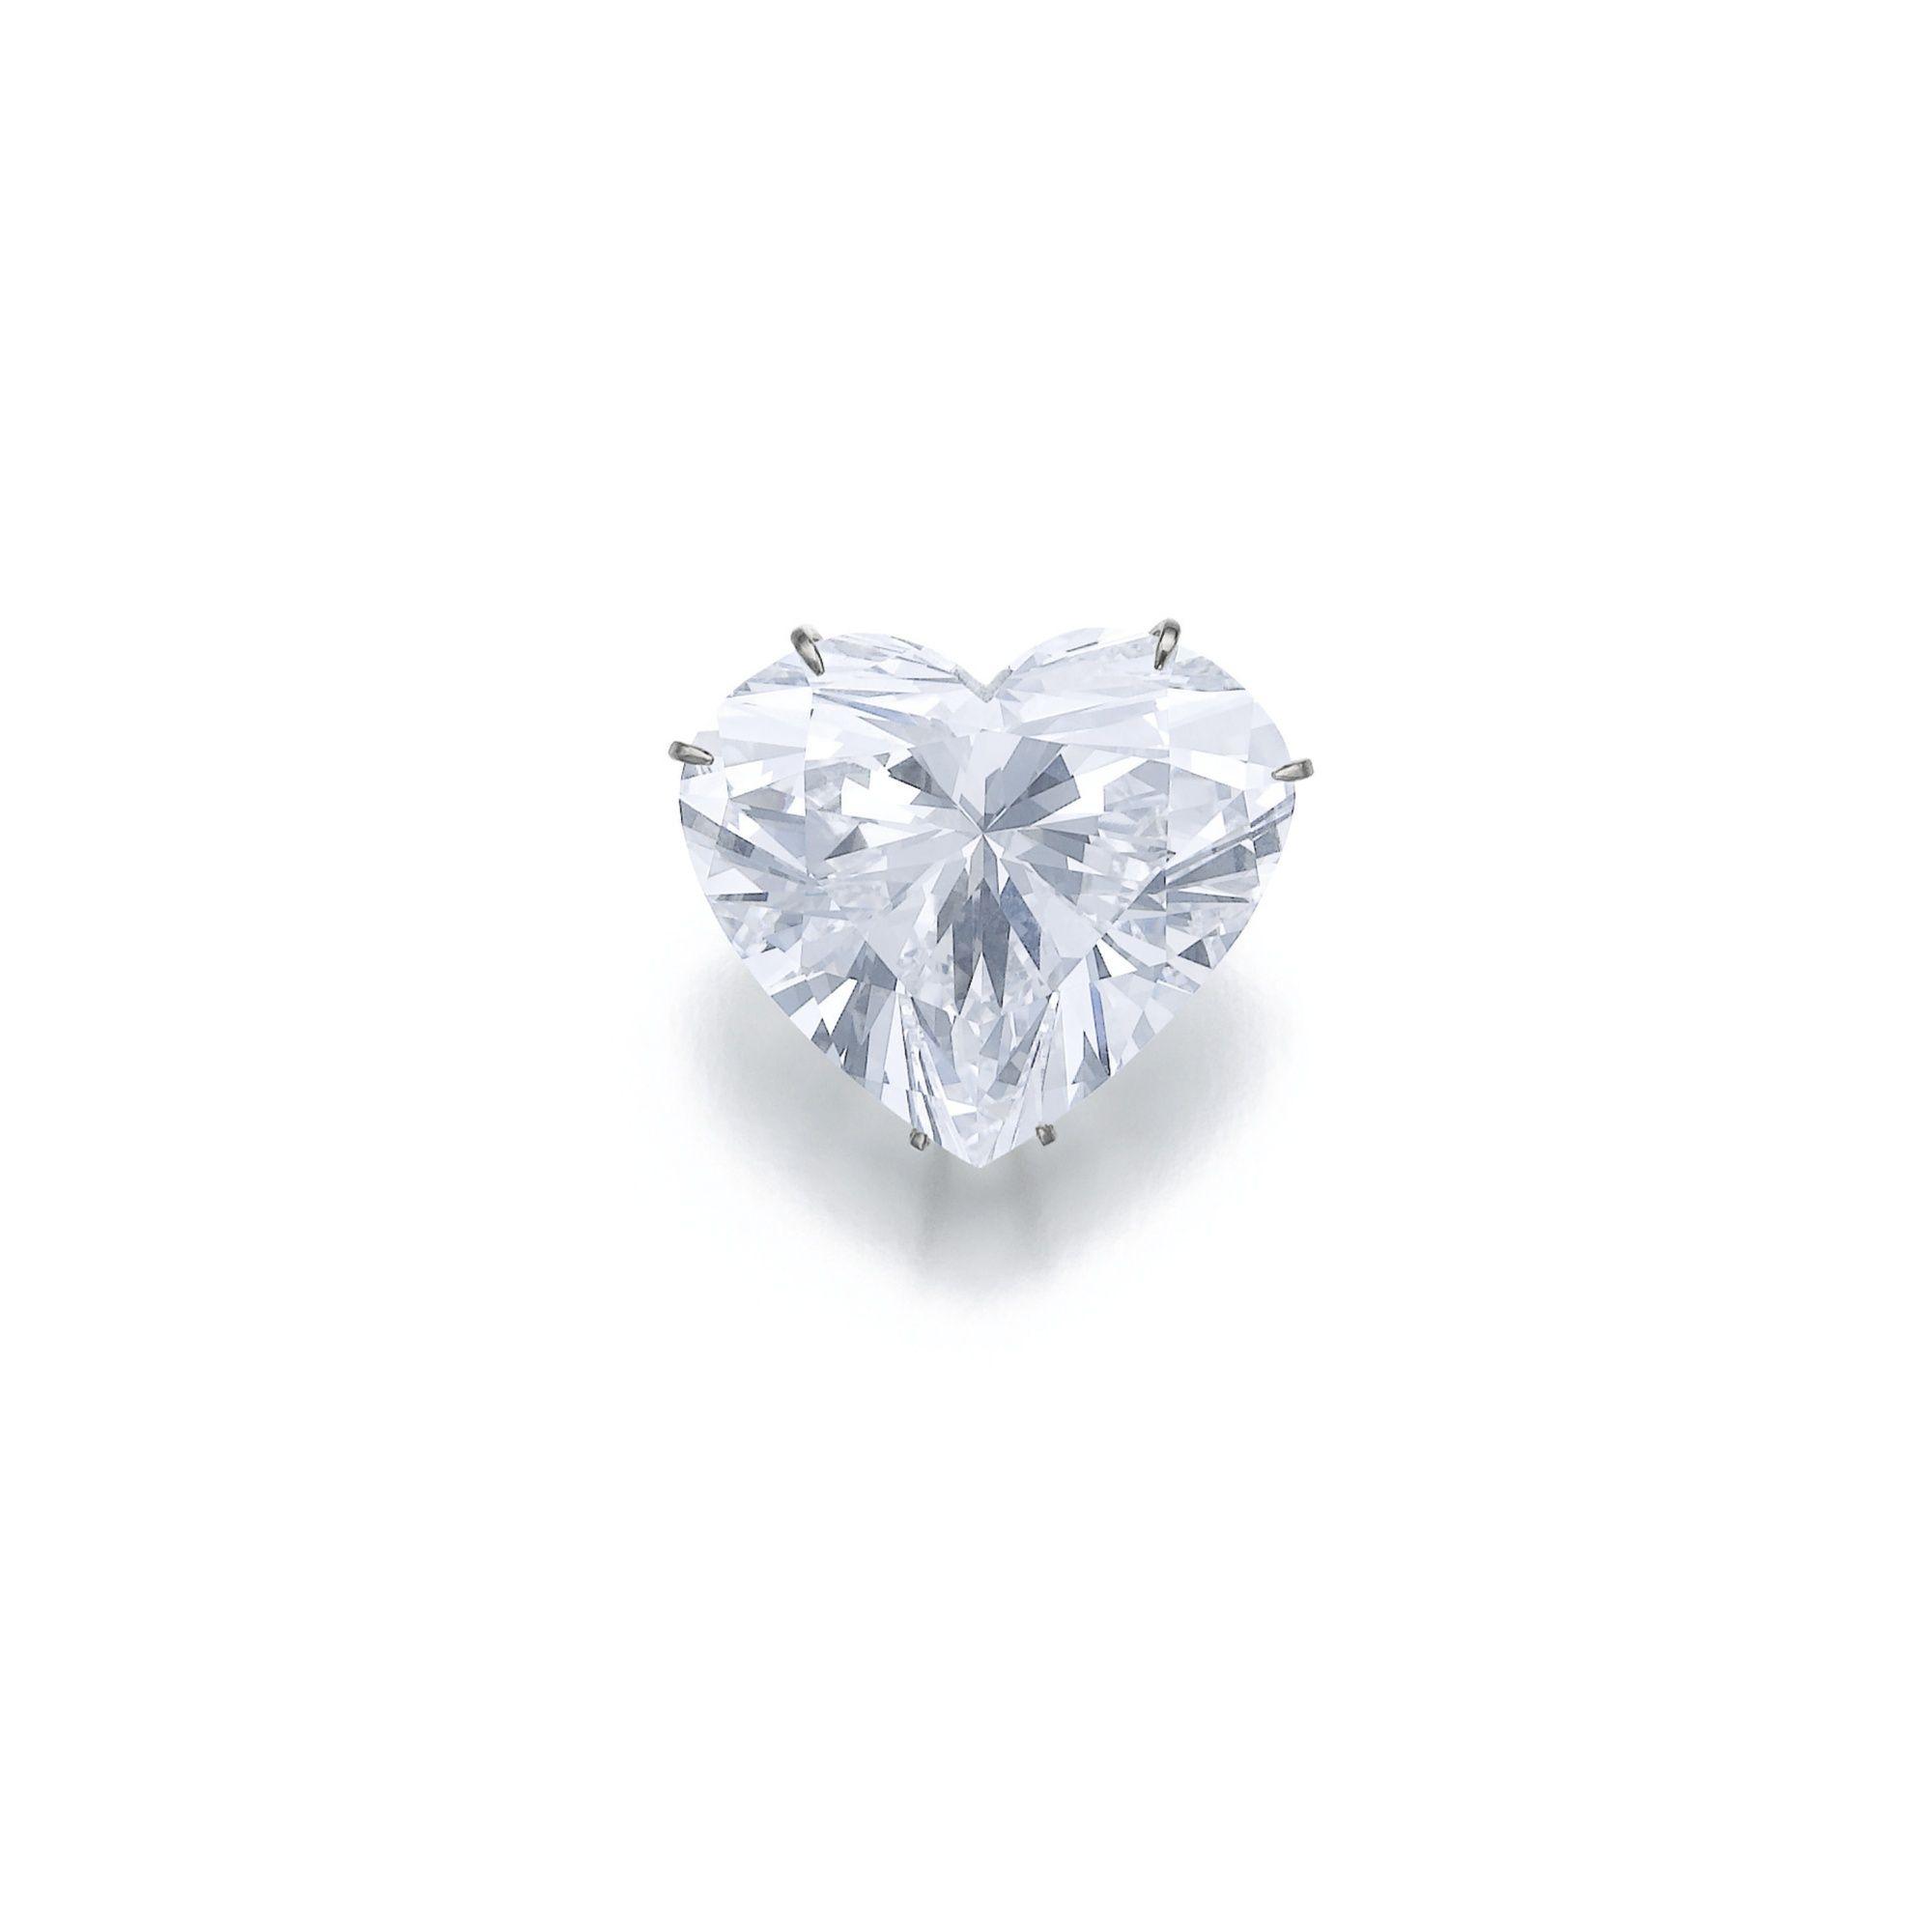 Important 53.53 carats heart-shaped diamond, D/VVS1 pendant